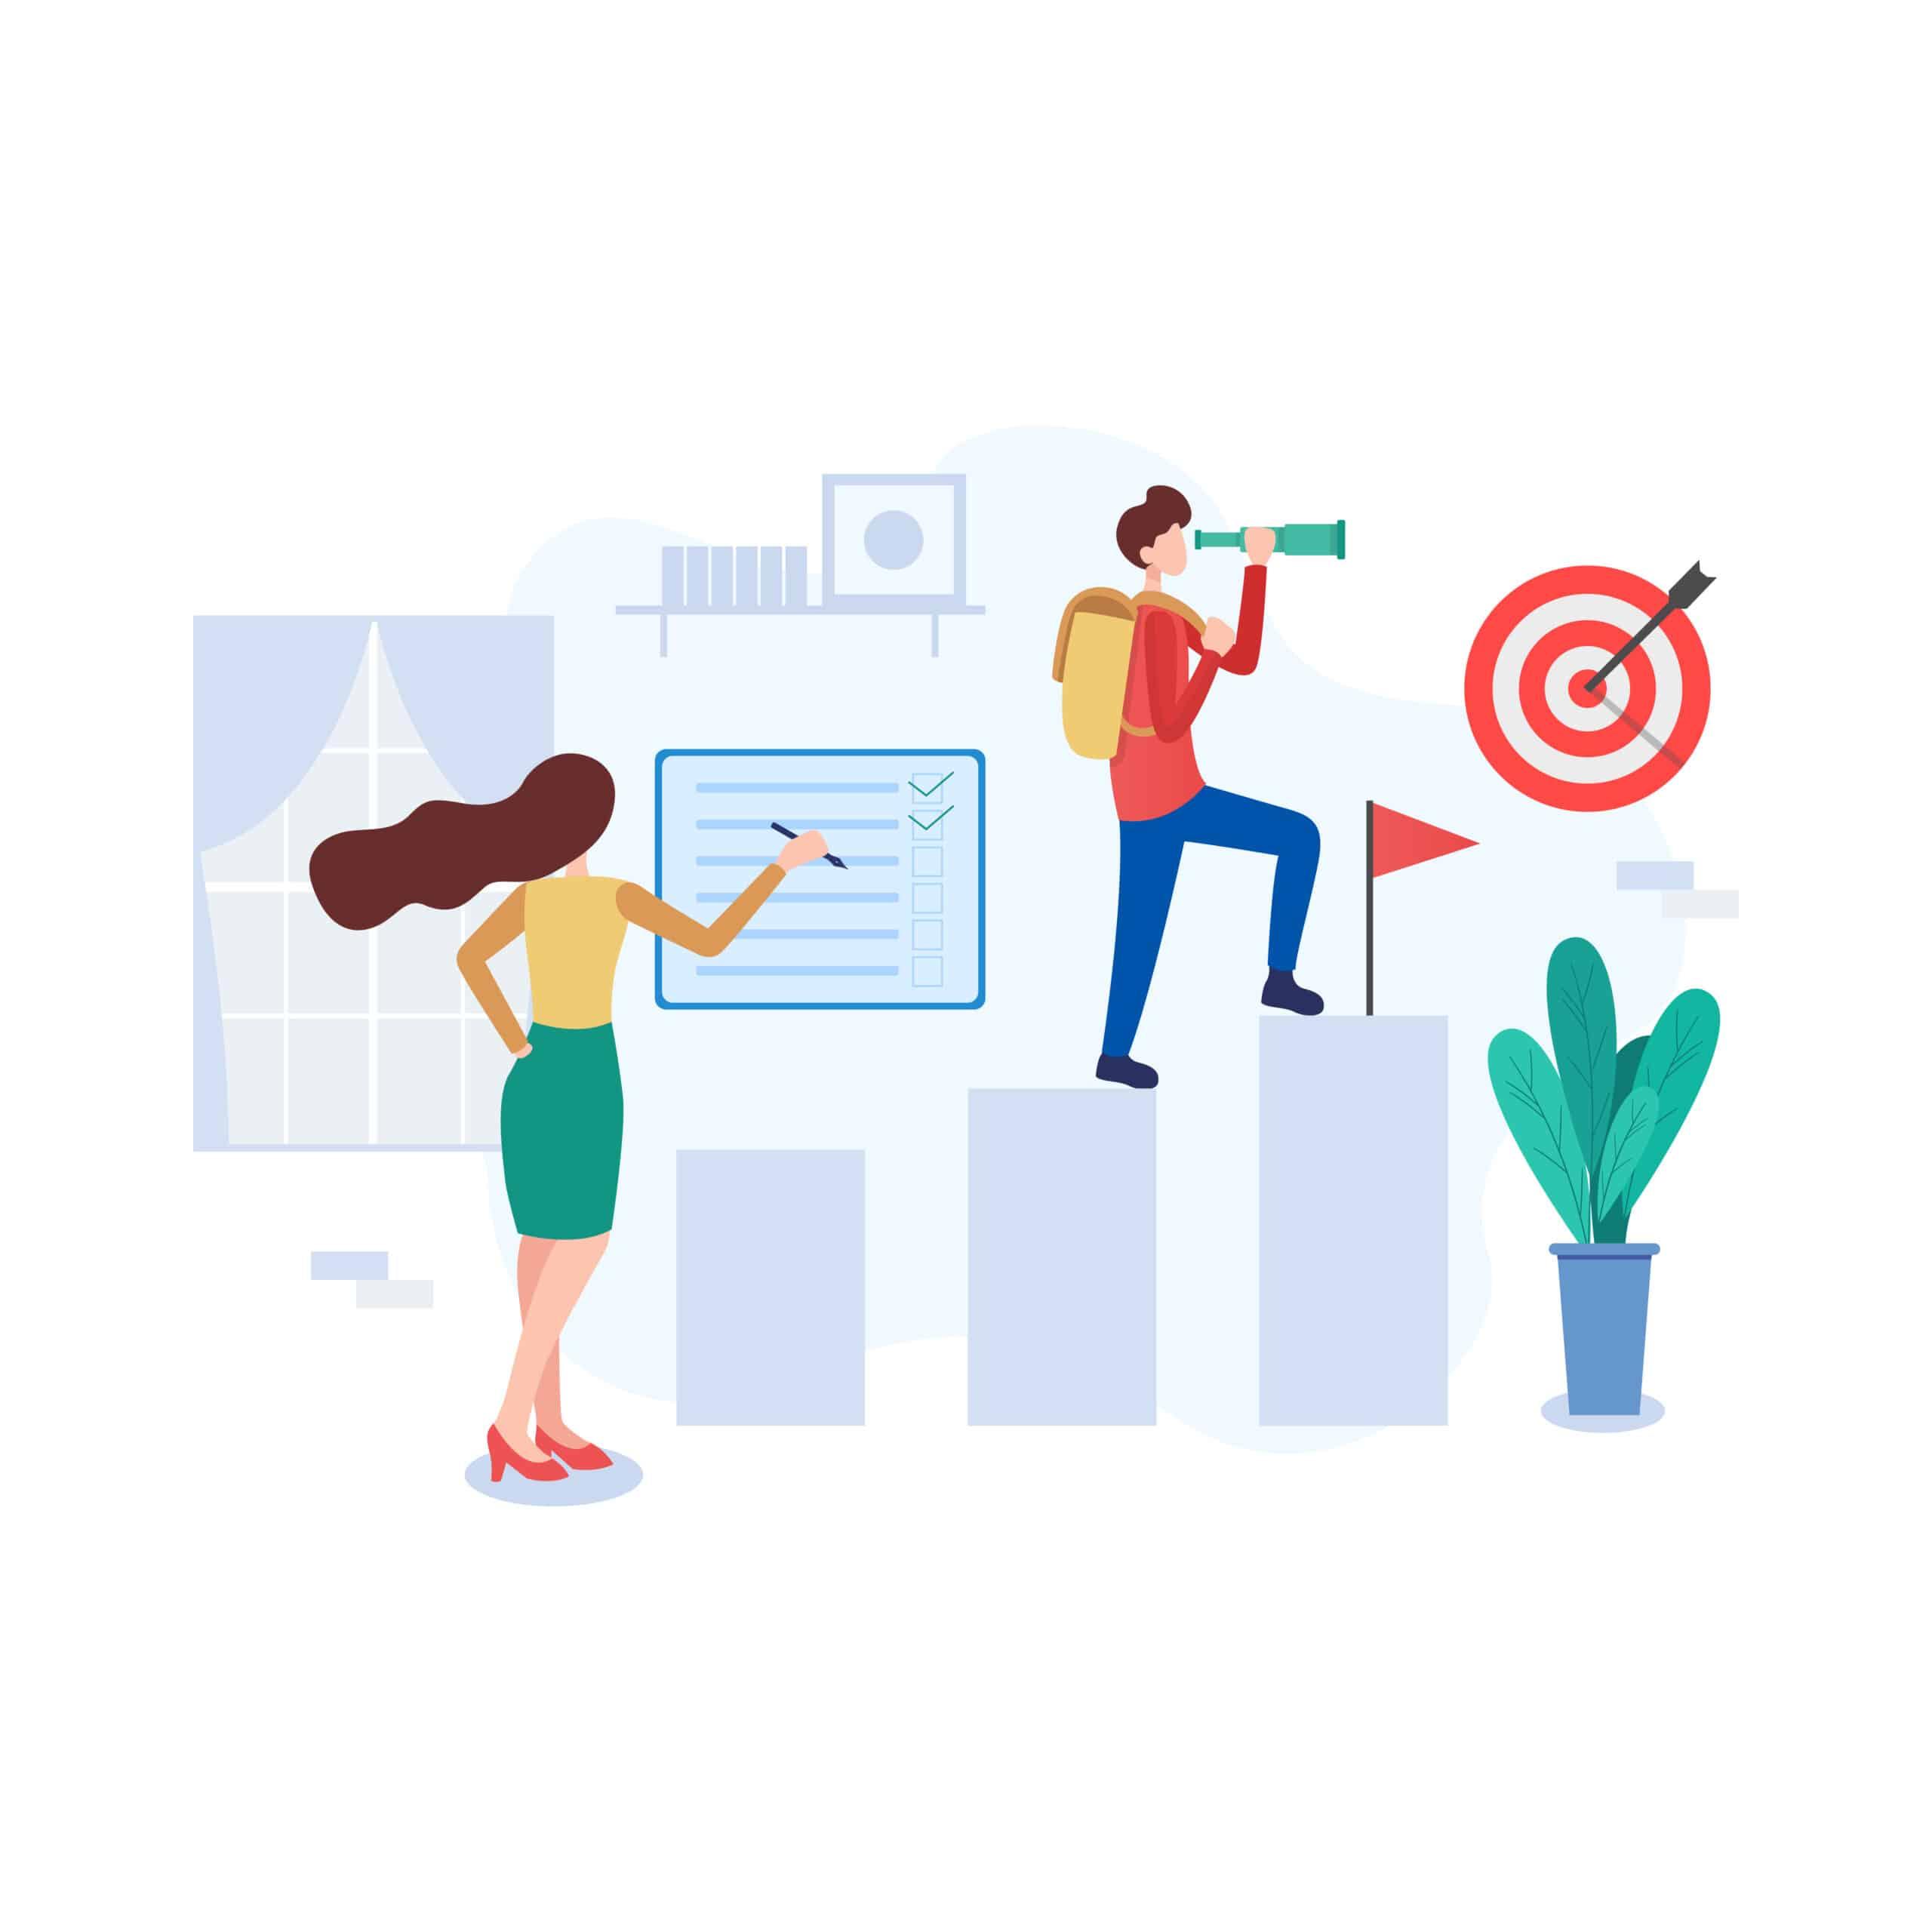 Богата функционалност - Какво включват услугите за изработка на онлайн магазин във Велико Търново и страната - Project Yordanov